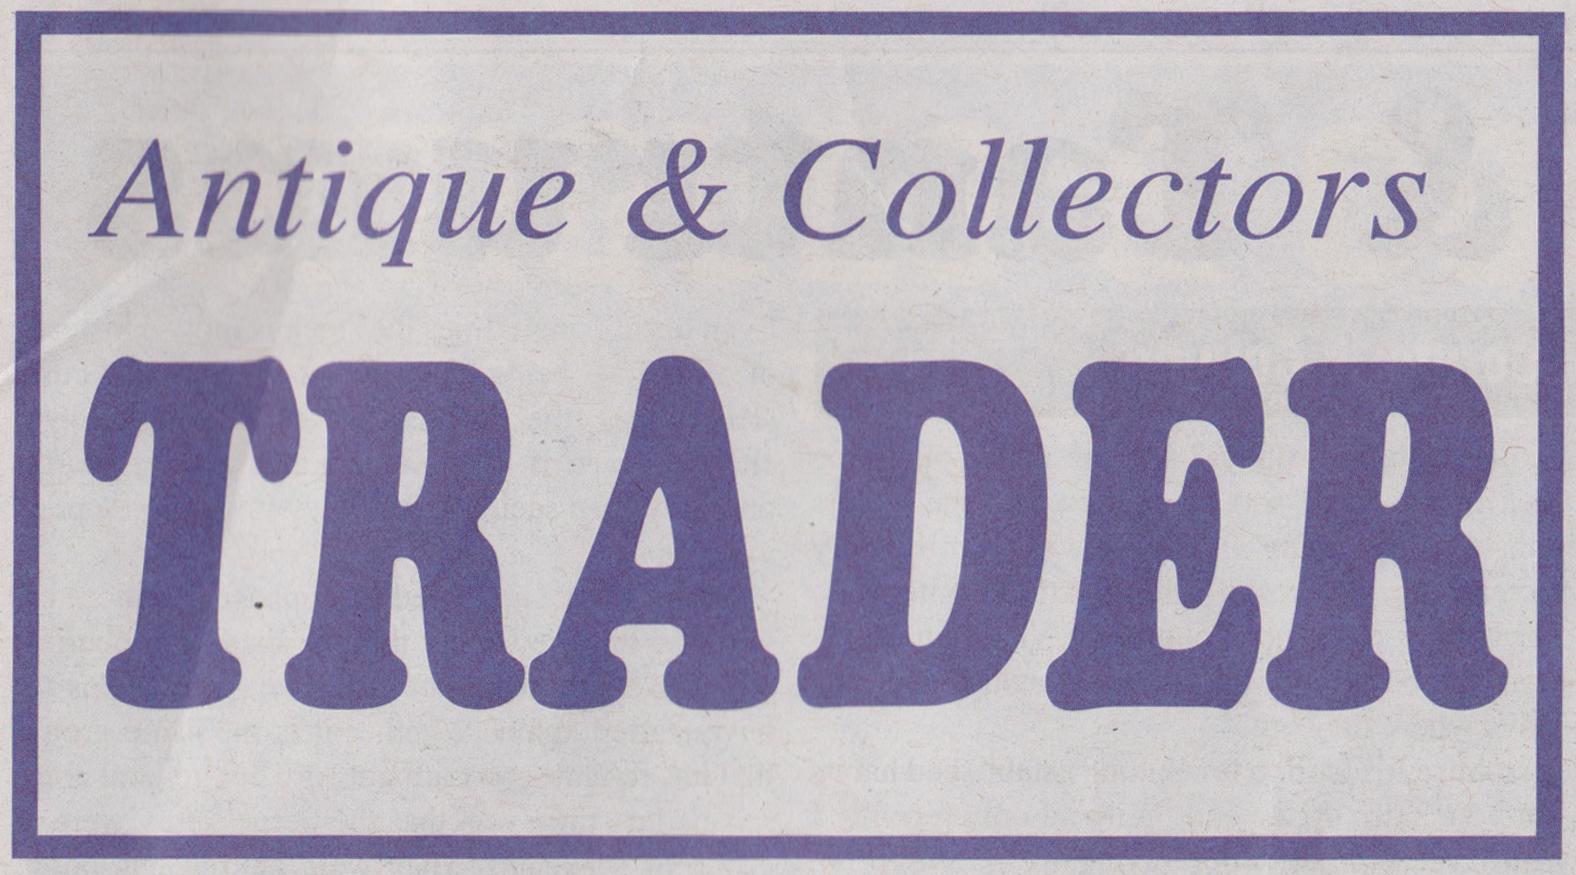 Antique & Collectors Trader